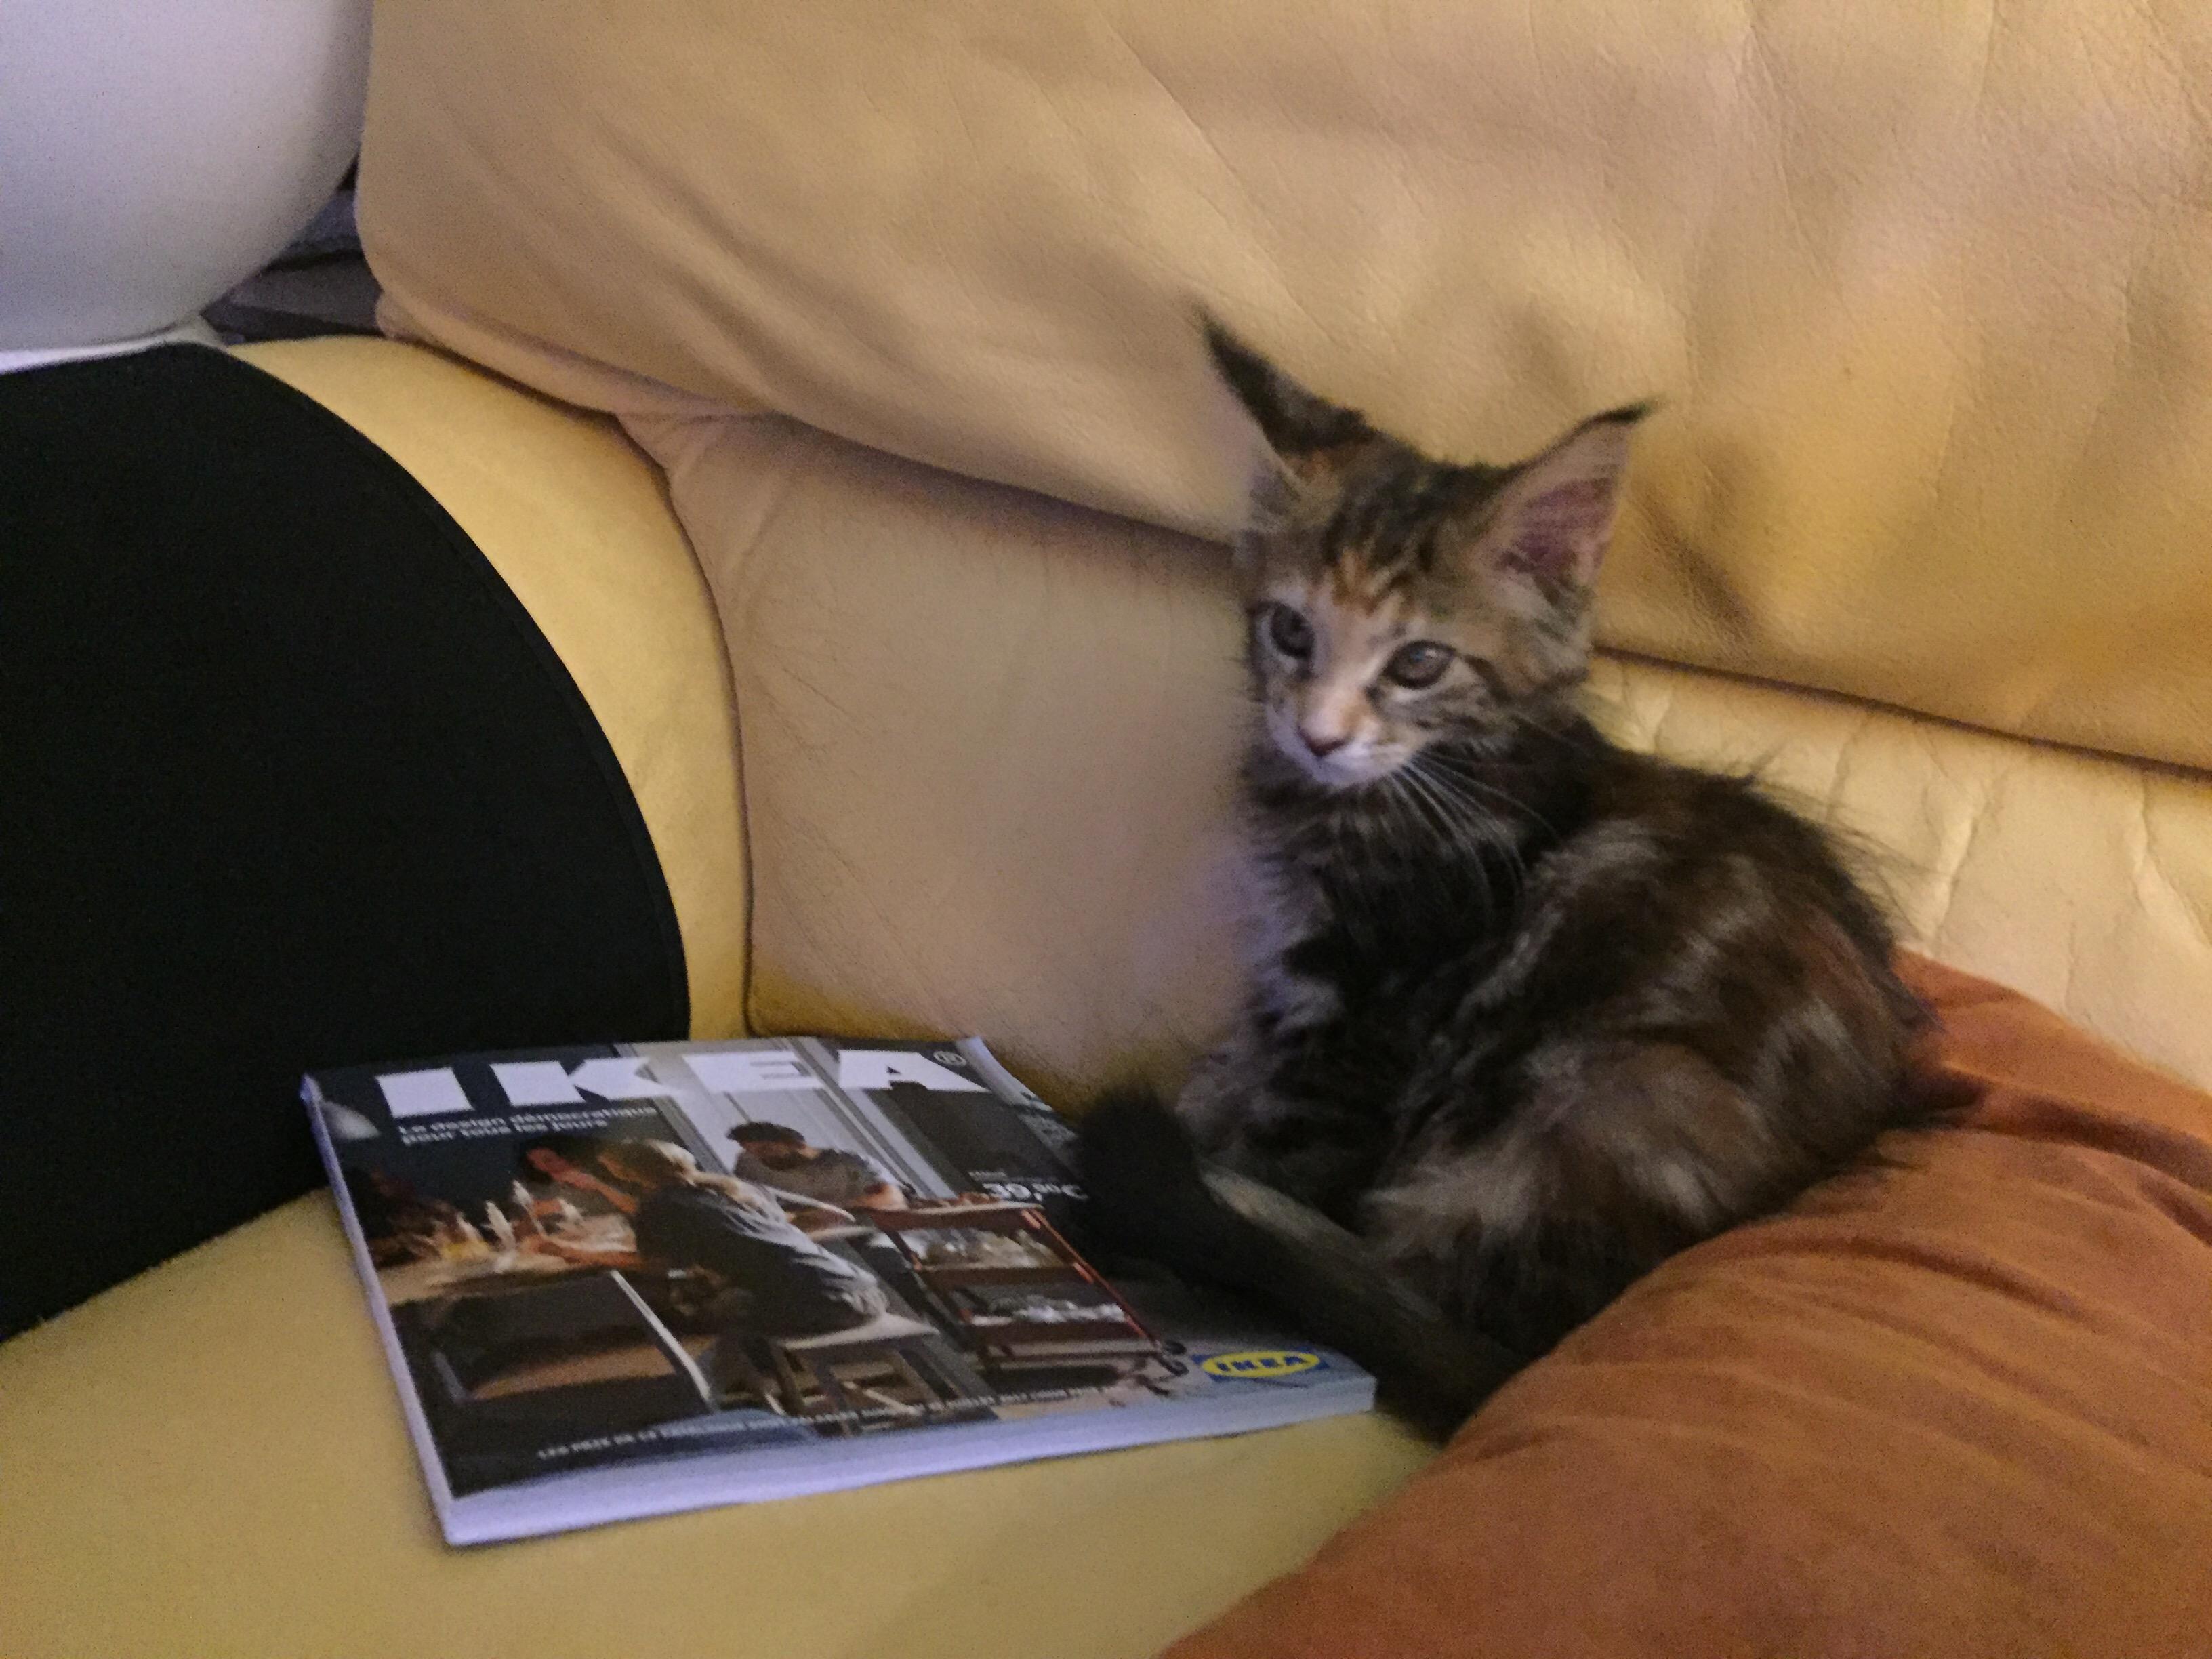 Vie de chat: Mamour n'a pas fini de s'installer!